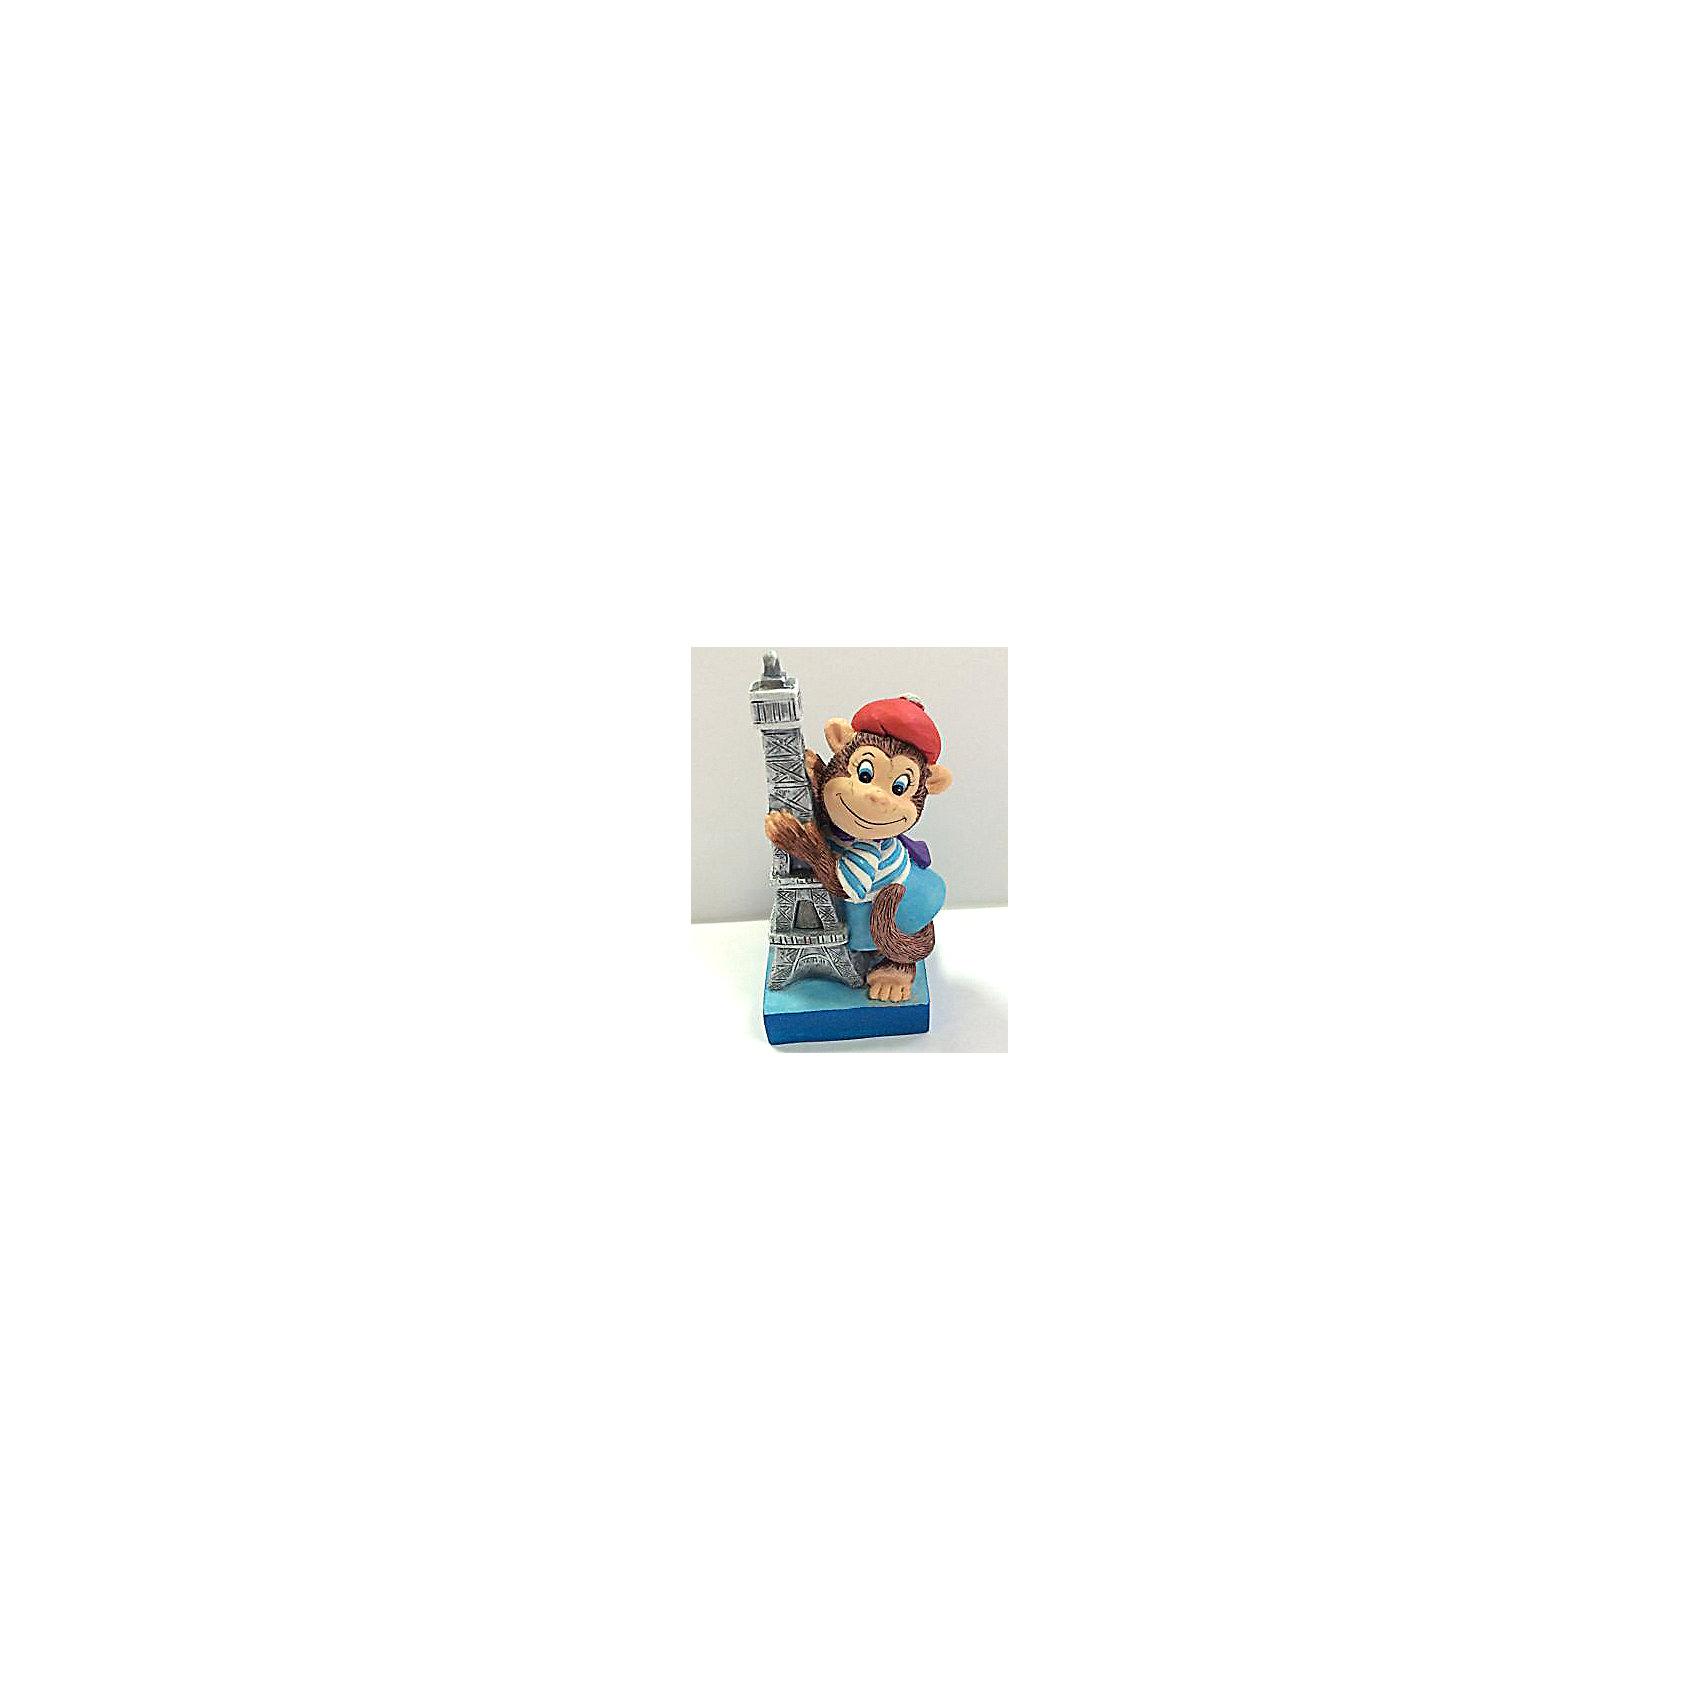 Декоративная обезьяна ПарижанкаДекоративная обезьянка Парижанка, Феникс-Презент, прекрасно дополнит Ваш новогодний интерьер и станет приятным сувениром для родных и друзей. Веселая обезьянка представлена в образе парижанки в голубой полосатой кофточке и красной шапочке, рядом с ней - Эйфелева башня. Обезьяна является символом Нового 2016 года, забавная фигурка принесет Вам радость и удачу и поднимет настроение.  <br><br>Дополнительная информация:<br><br>- Материал: полирезина. <br>- Размер фигурки: 4 х 3,8 х 8,2 см.<br><br>Декоративную обезьянку Парижанка, Феникс-Презент,  можно купить в нашем интернет-магазине.<br><br>Ширина мм: 50<br>Глубина мм: 50<br>Высота мм: 100<br>Вес г: 100<br>Возраст от месяцев: 36<br>Возраст до месяцев: 2147483647<br>Пол: Унисекс<br>Возраст: Детский<br>SKU: 4276523